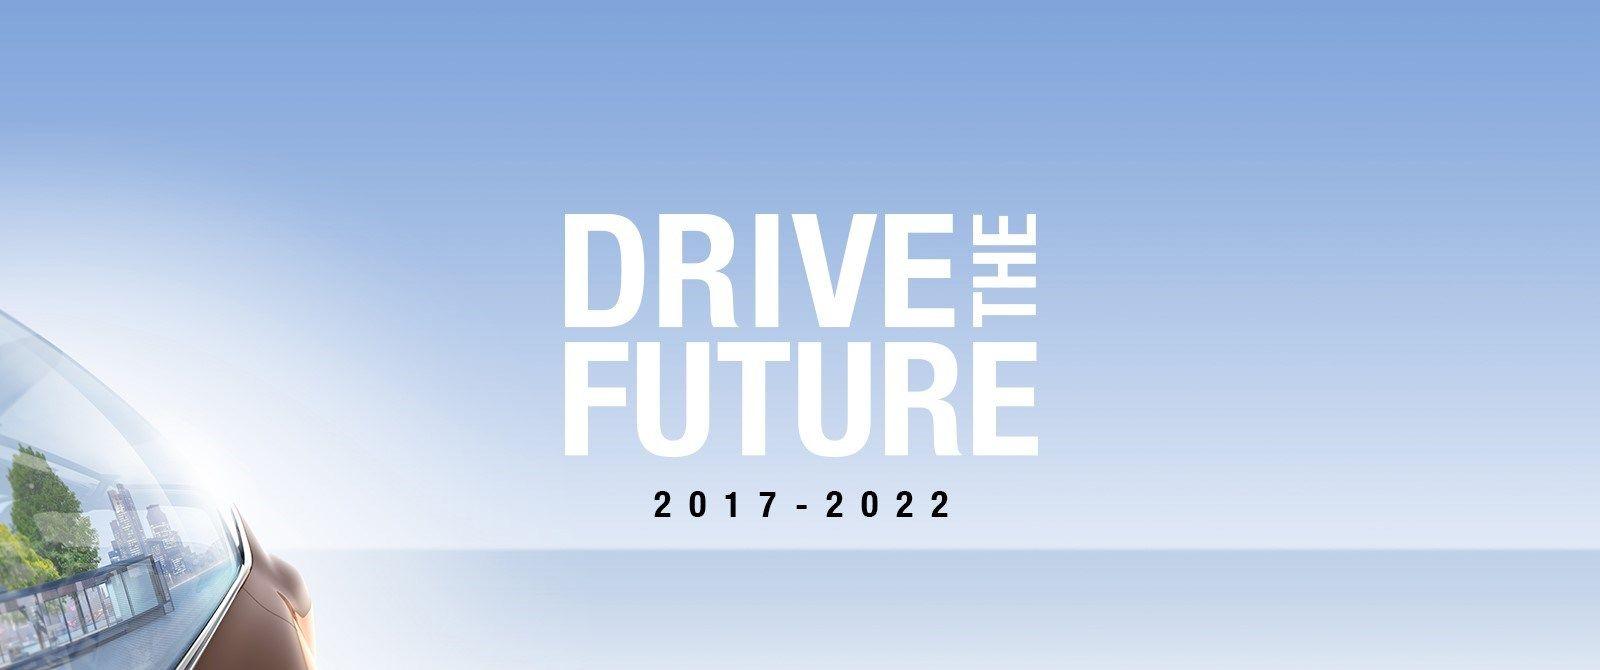 DRIVE THE FUTURE 2017-2022: НОВИЙ СТРАТЕГІЧНИЙ ПЛАН, ЯКИЙ БАЗУЄТЬСЯ НА РЕКОРДНИХ РЕЗУЛЬТАТАХ І ПЕРЕДБАЧАЄ СТІЙКЕ ТА ПРИБУТКОВЕ ЗРОСТАННЯ